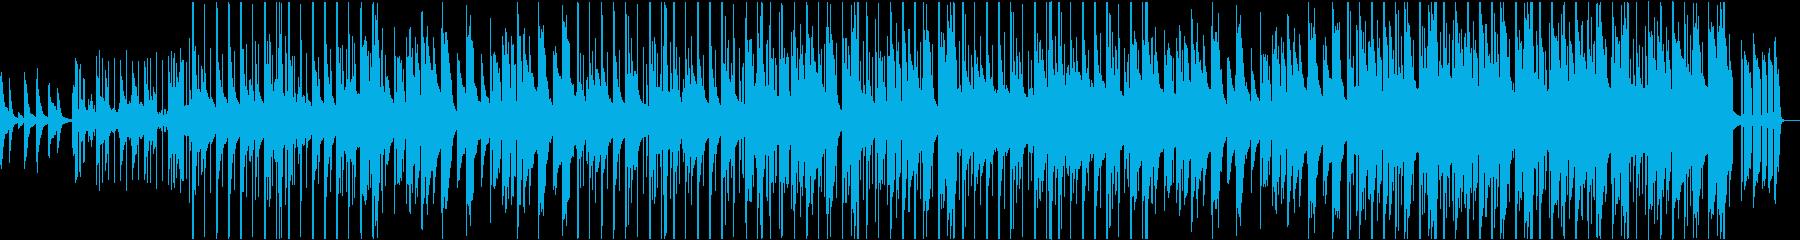 明るくセクシー男性コーラスEDMバラードの再生済みの波形